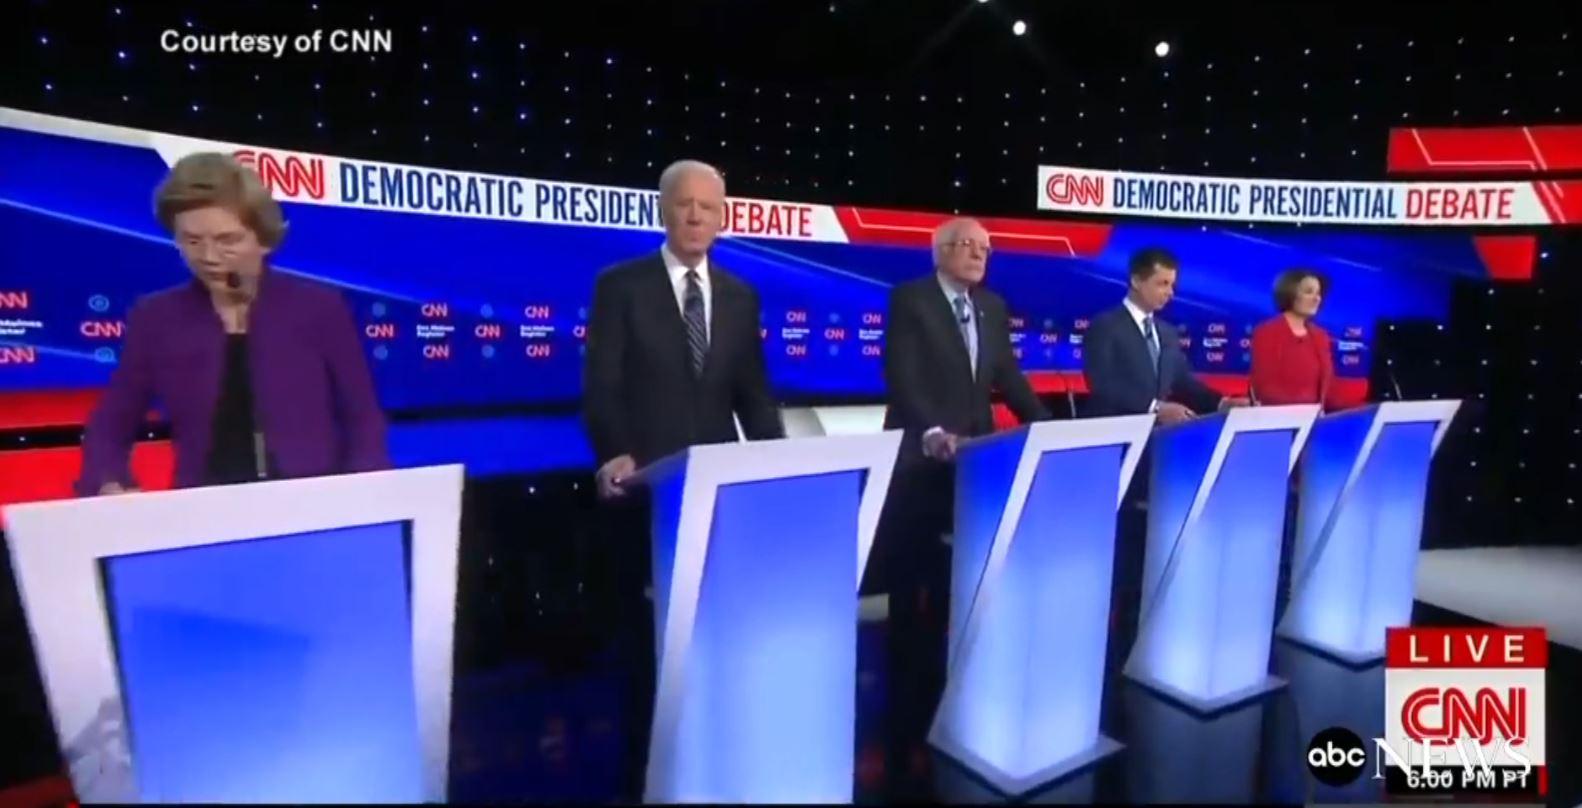 """Debati i 7 mes kandidatëve demokrate për """"Shtëpinë e bardhë"""", Biden kryeson sondazhet"""